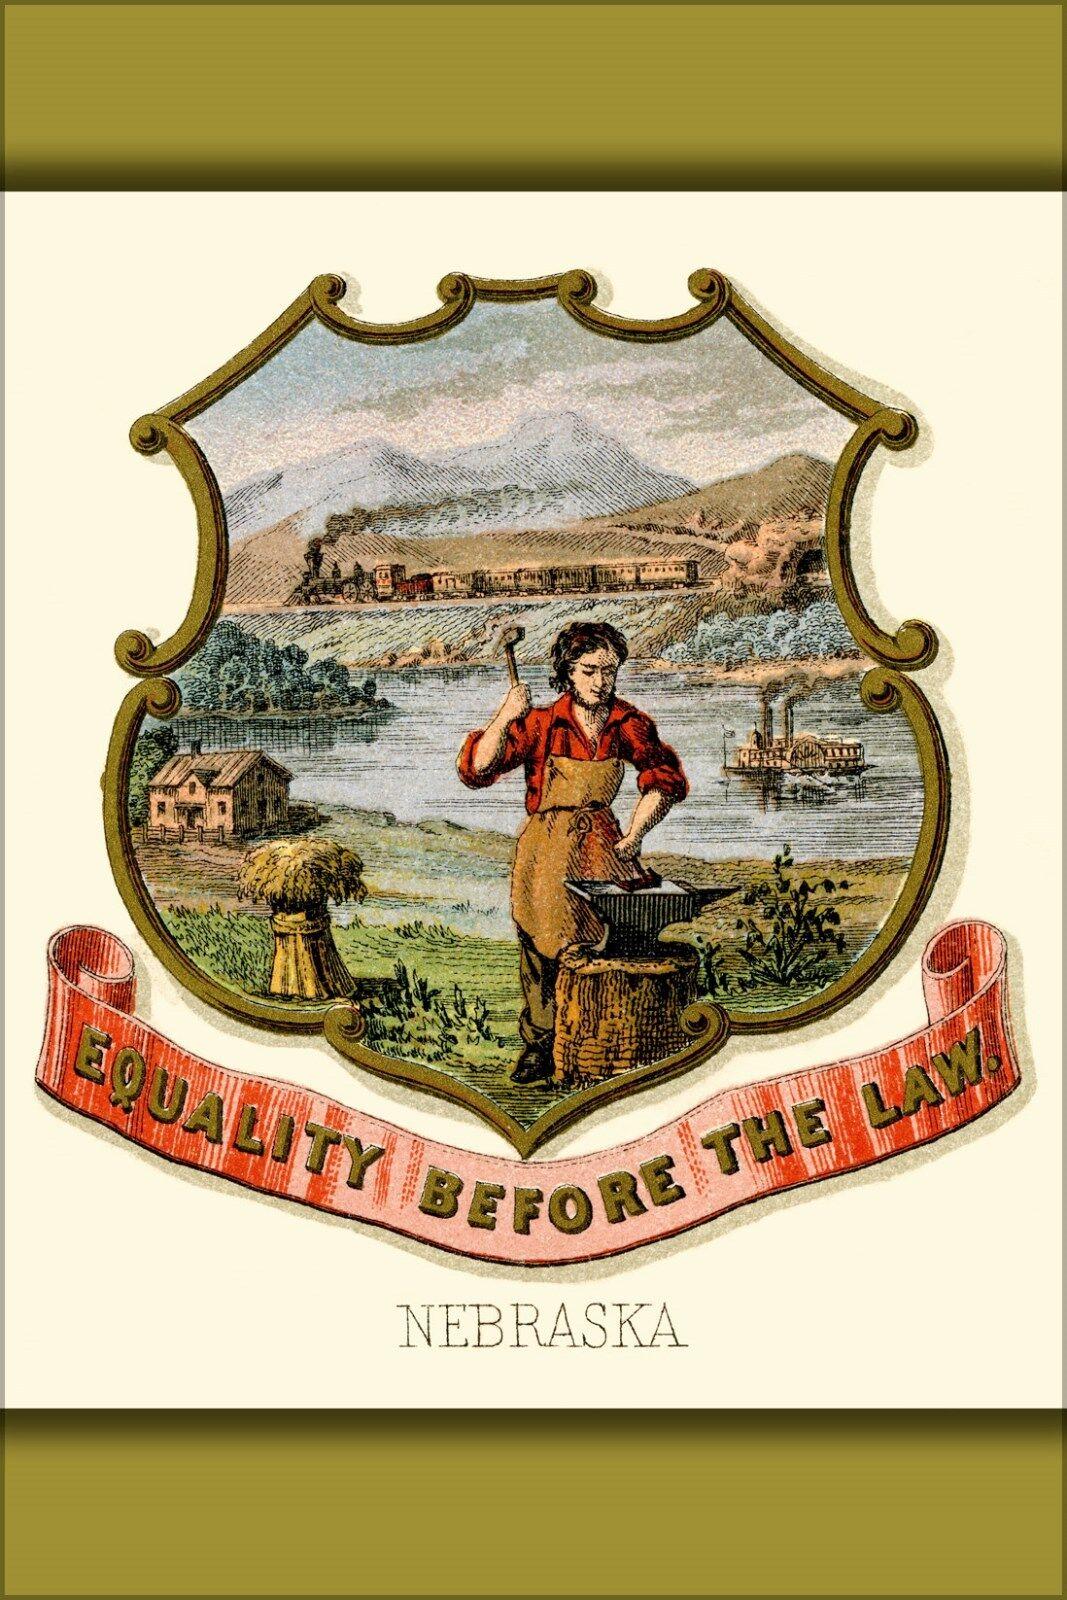 Poster, Many Größes; Nebraska State Coat Of Arms (Illustrated, 1876)